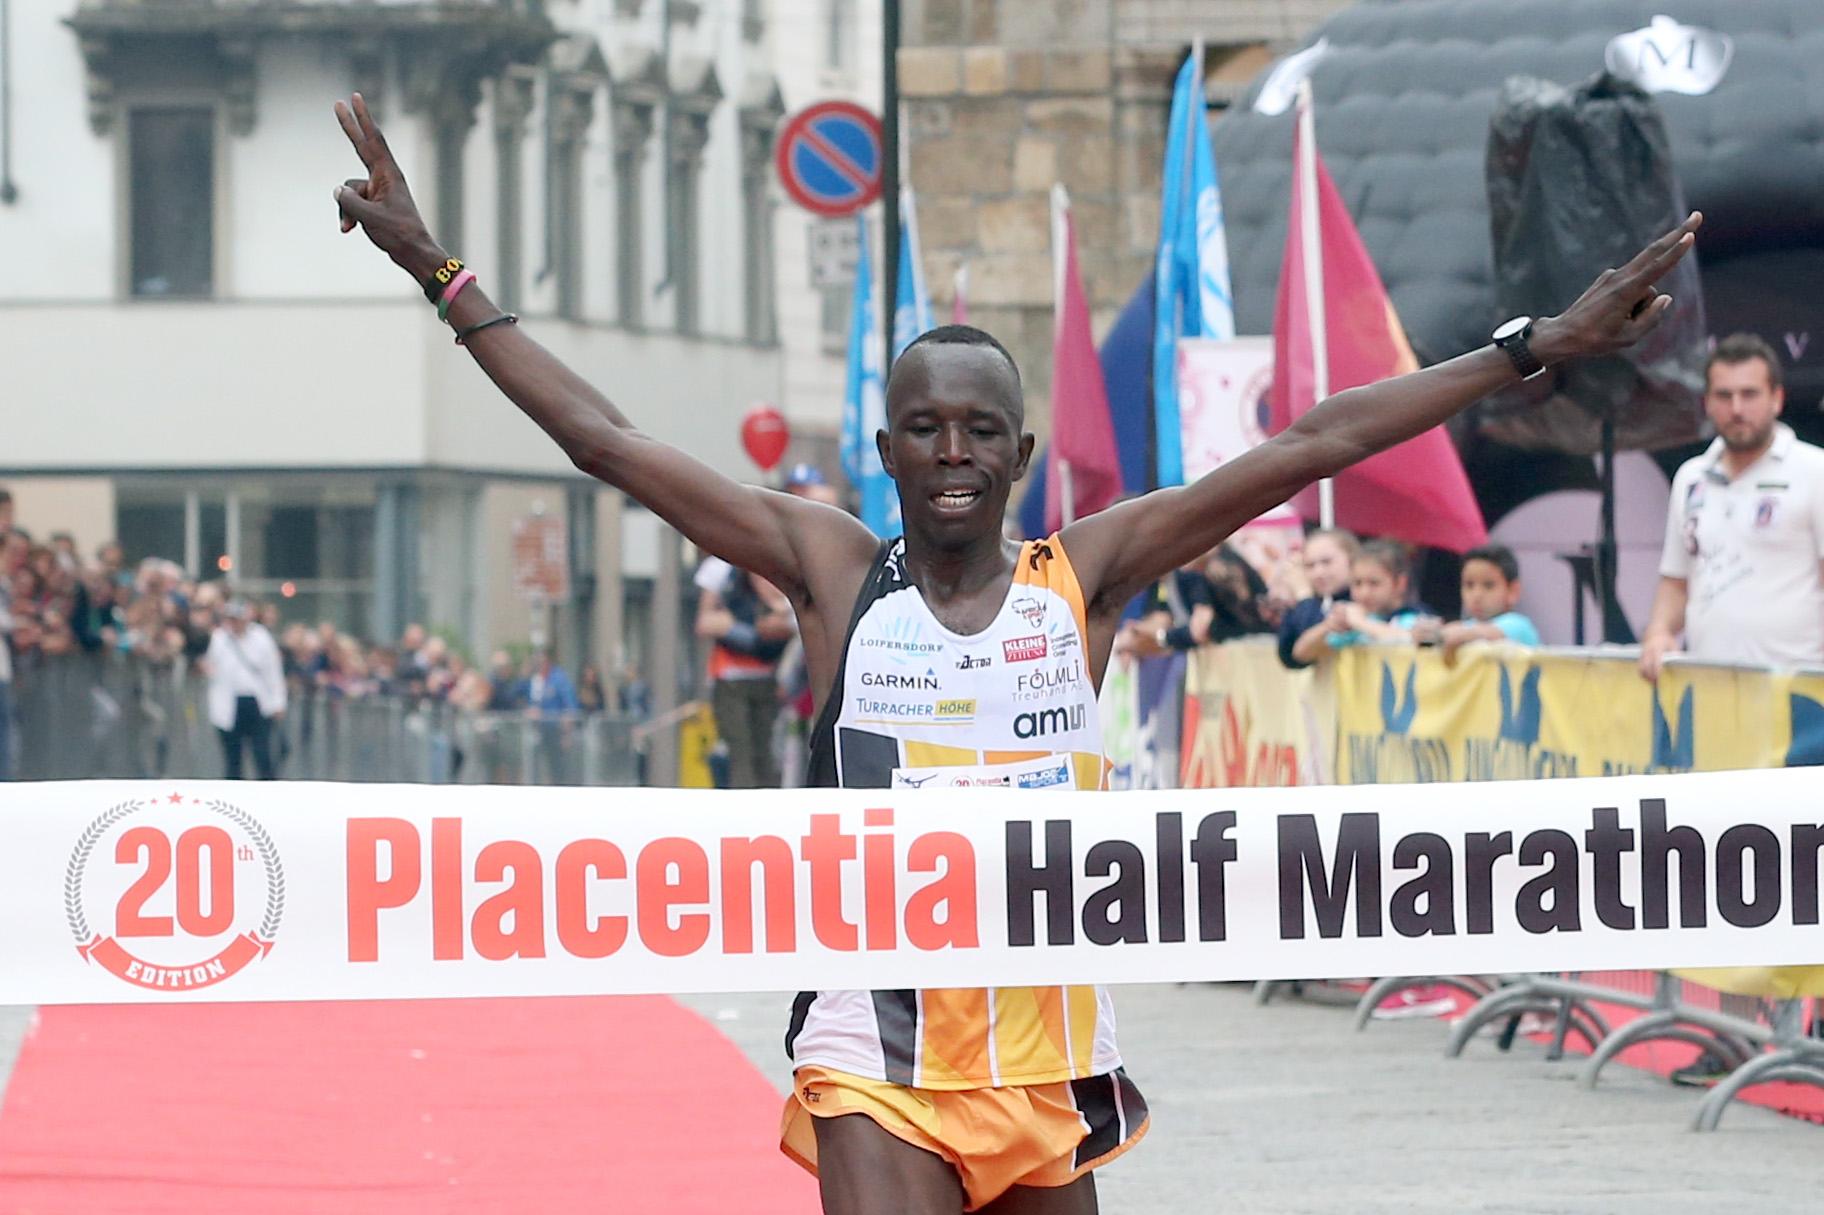 maratona 2015